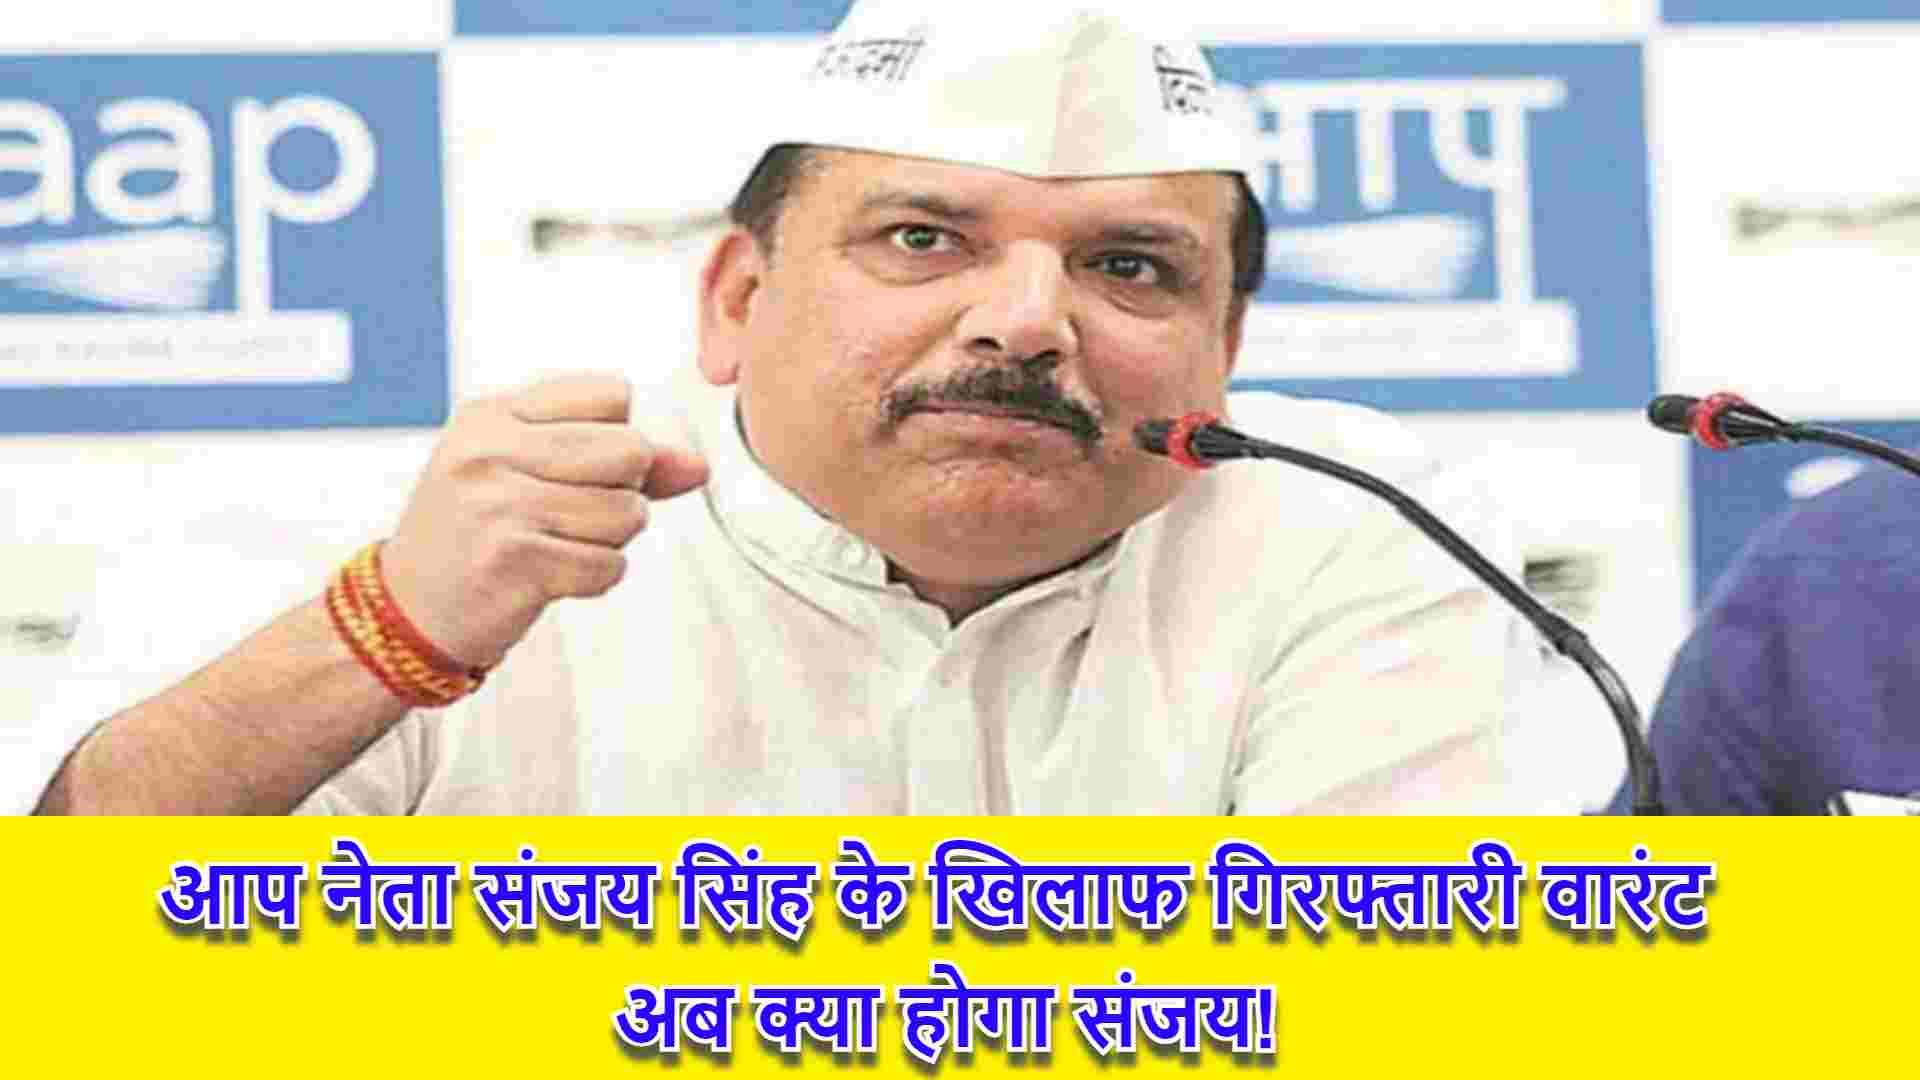 आप नेता संजय सिंह के खिलाफ गिरफ्तारी वारंट, अब क्या होगा संजय!